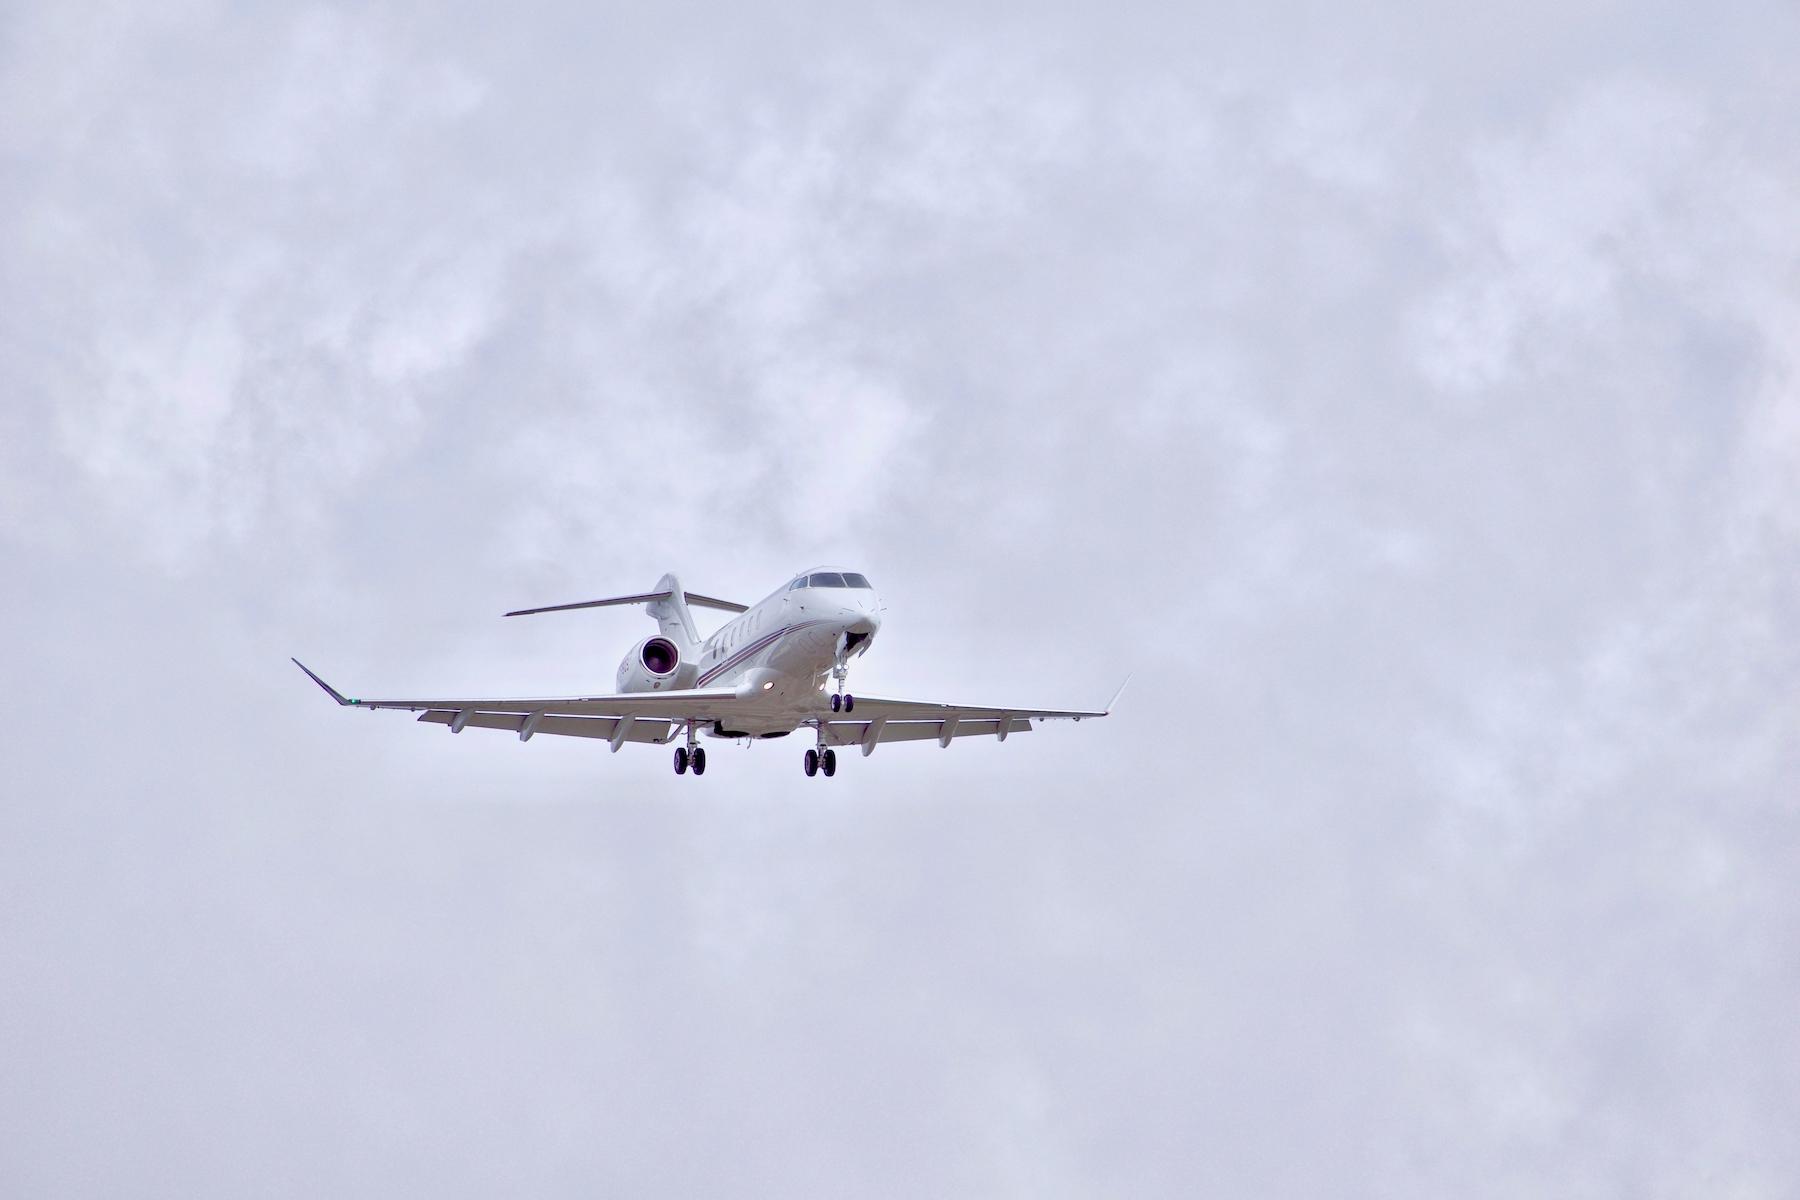 Mohammed bin Rashid Aerospace Hub records 336 percent growth in private jet flights in Q1 2021